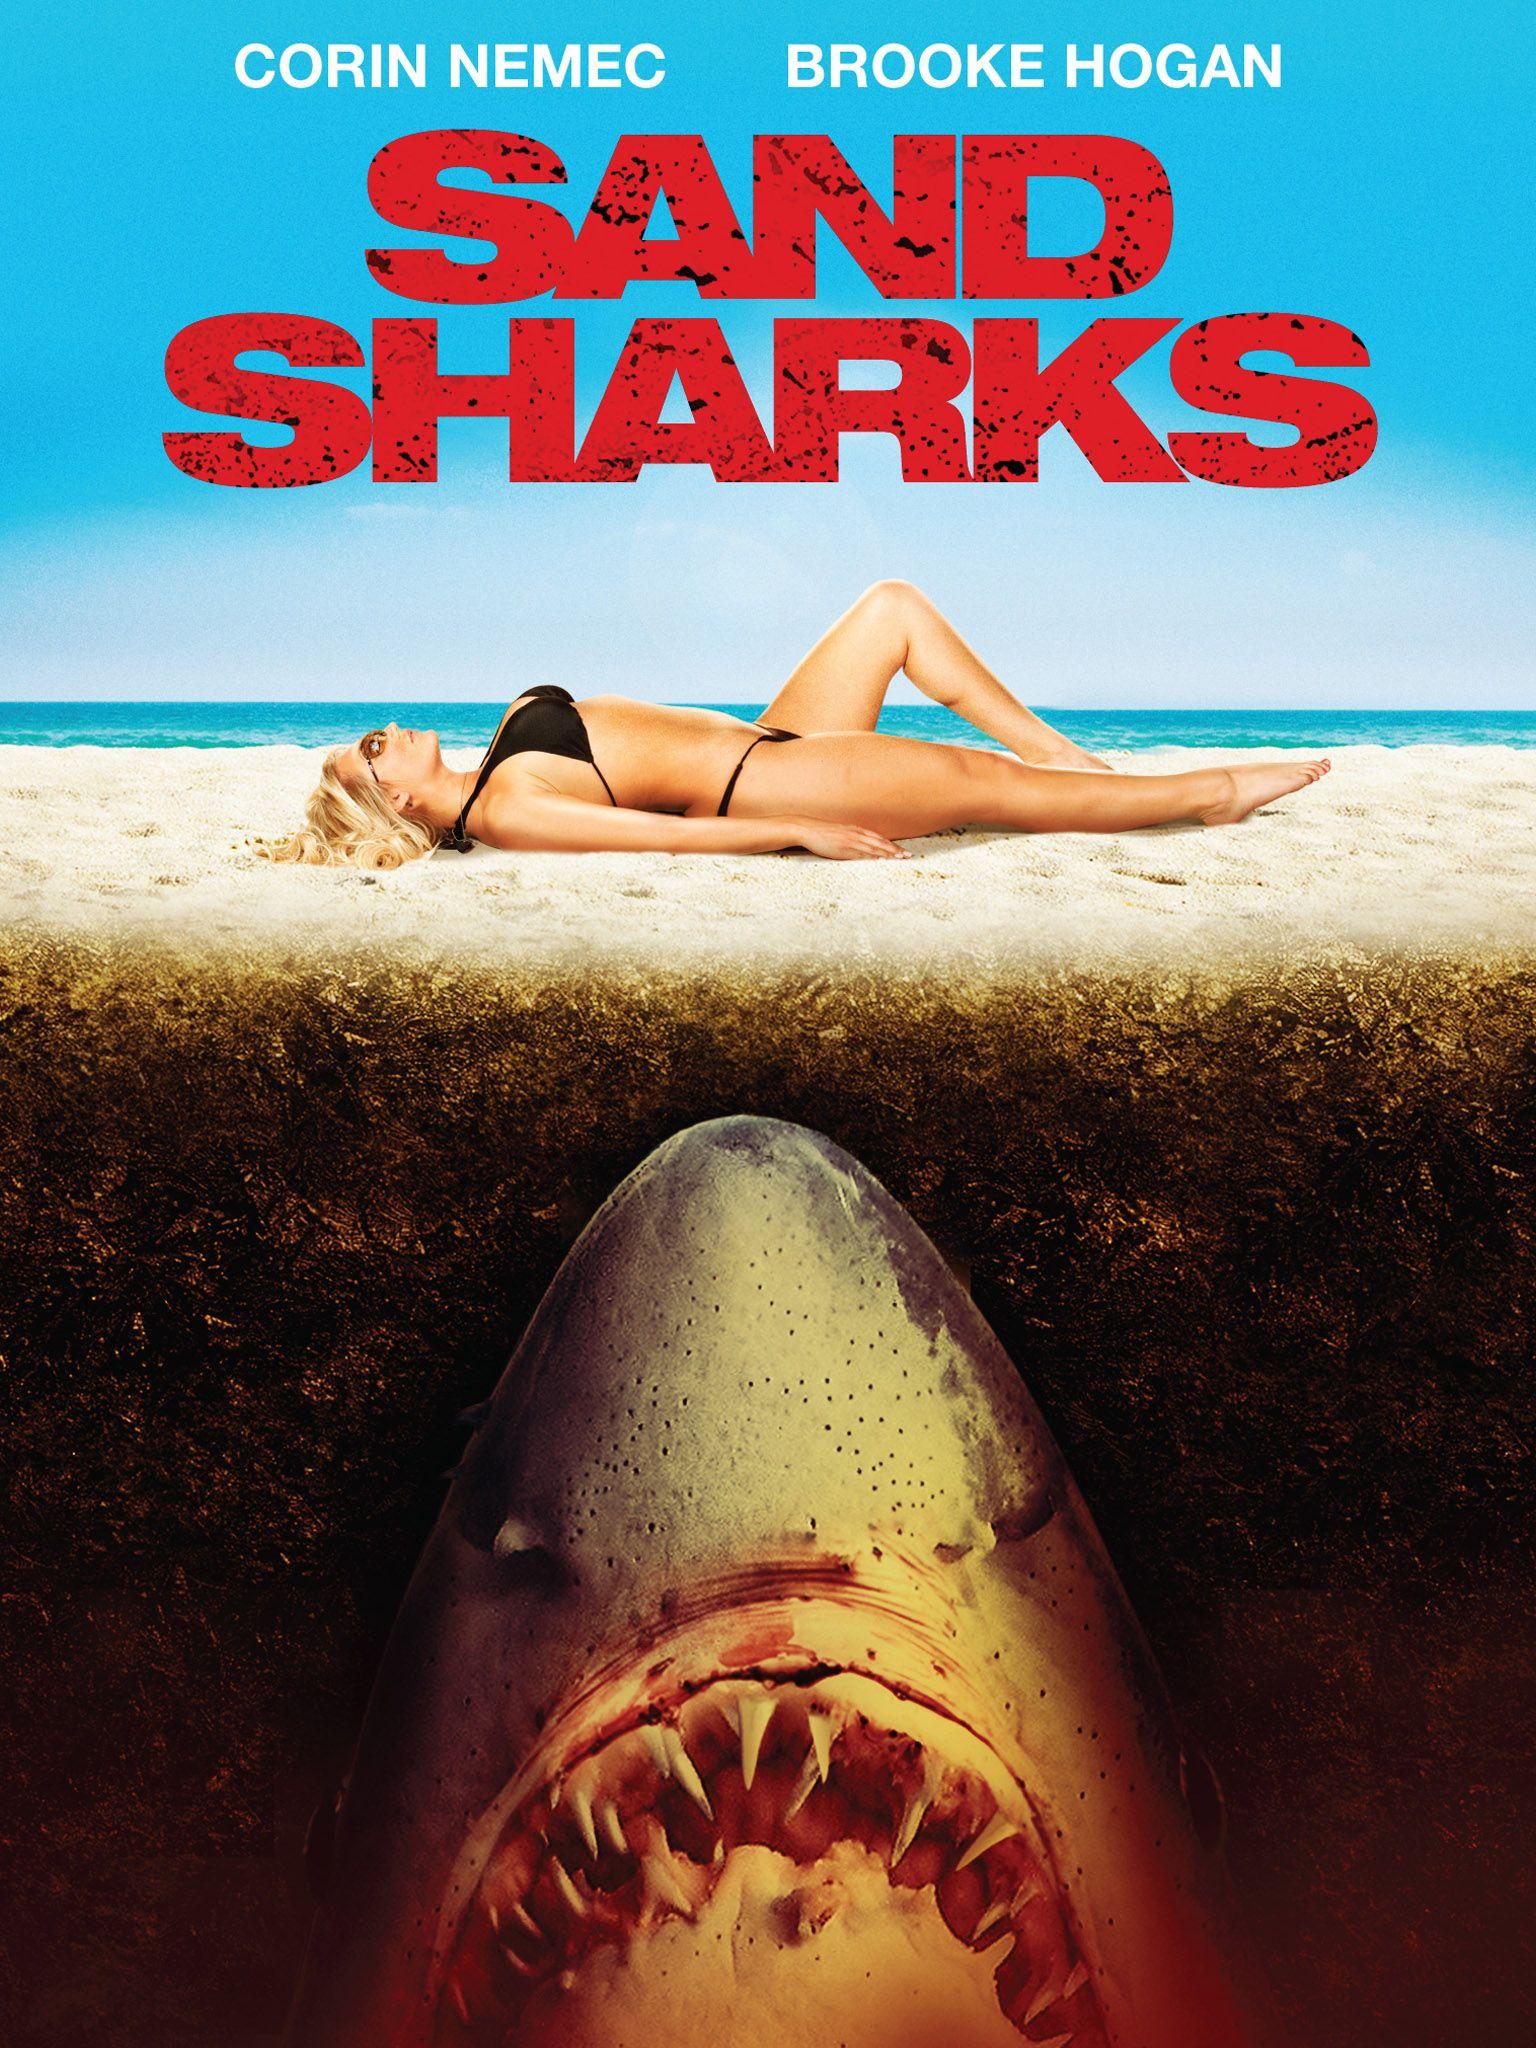 El topic de las pelis de tiburones - Página 4 Imagen-4